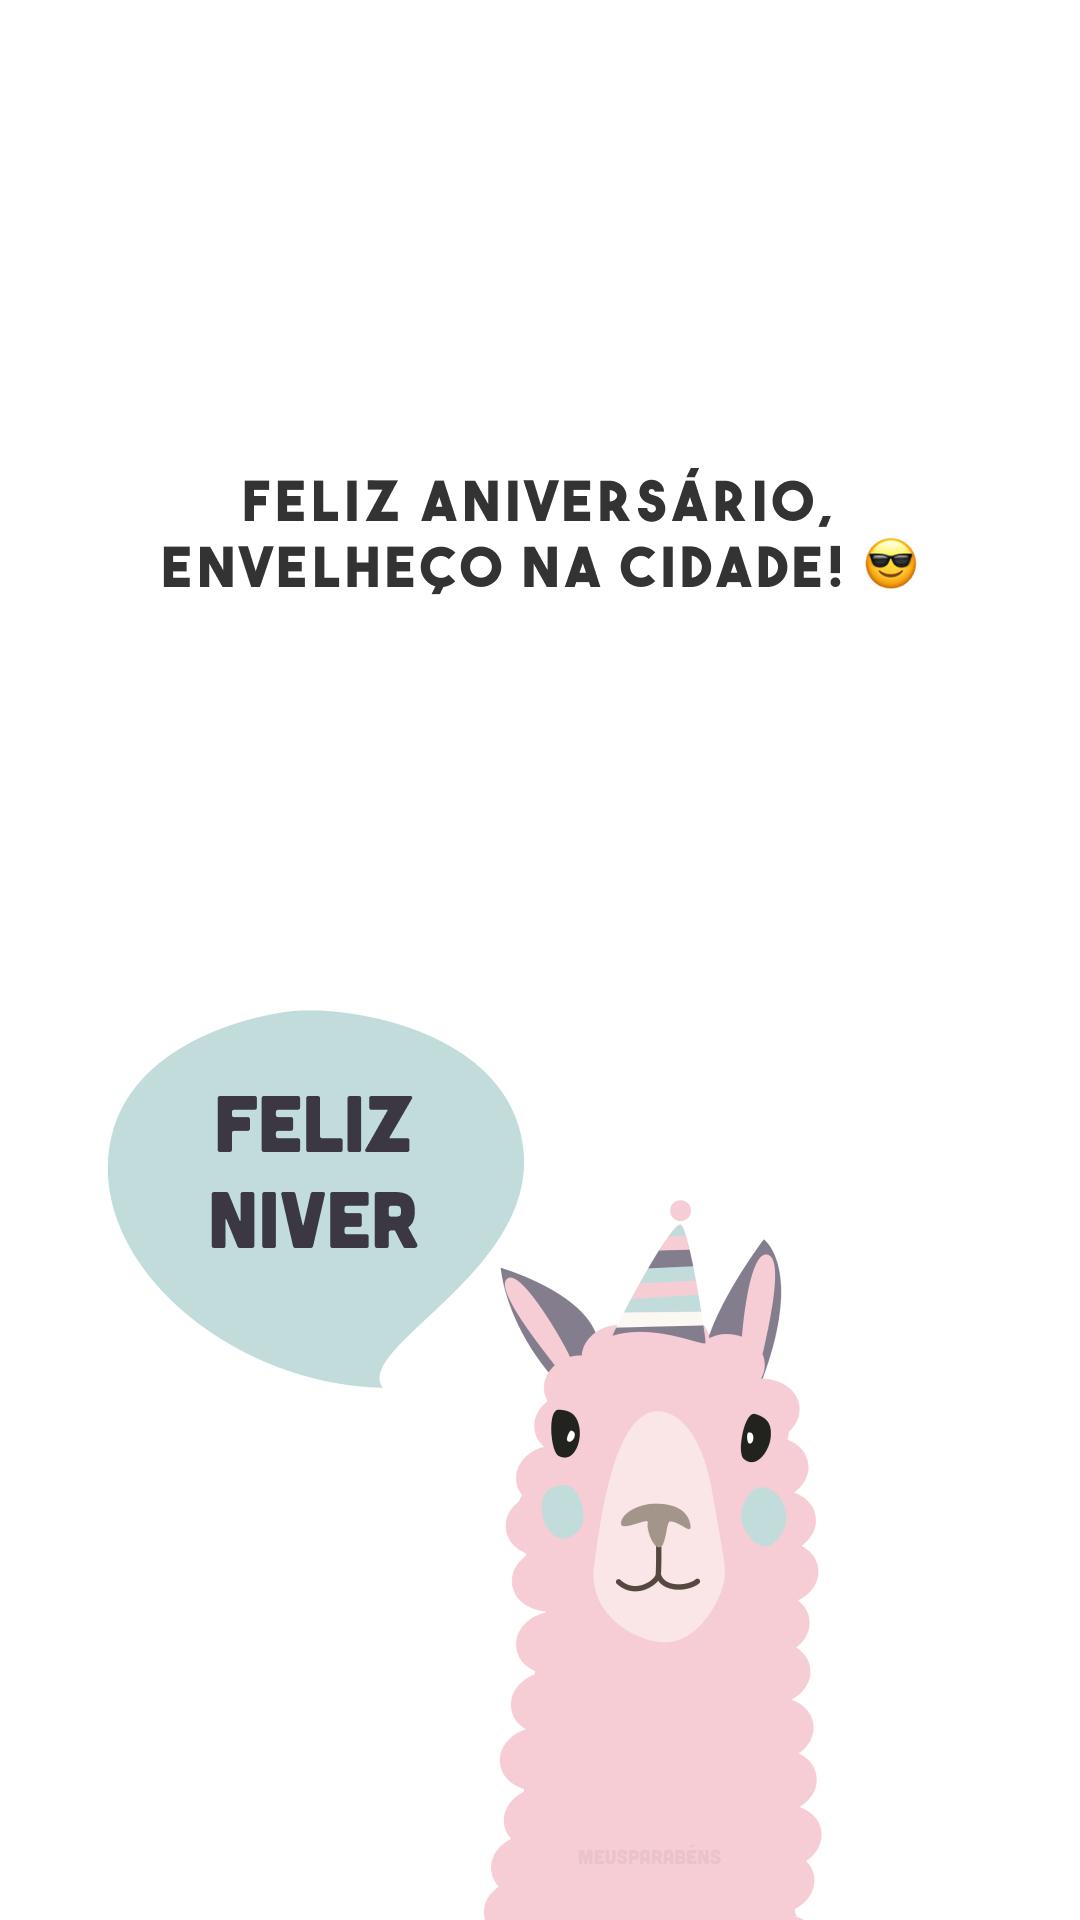 Feliz aniversário, envelheço na cidade! 😎